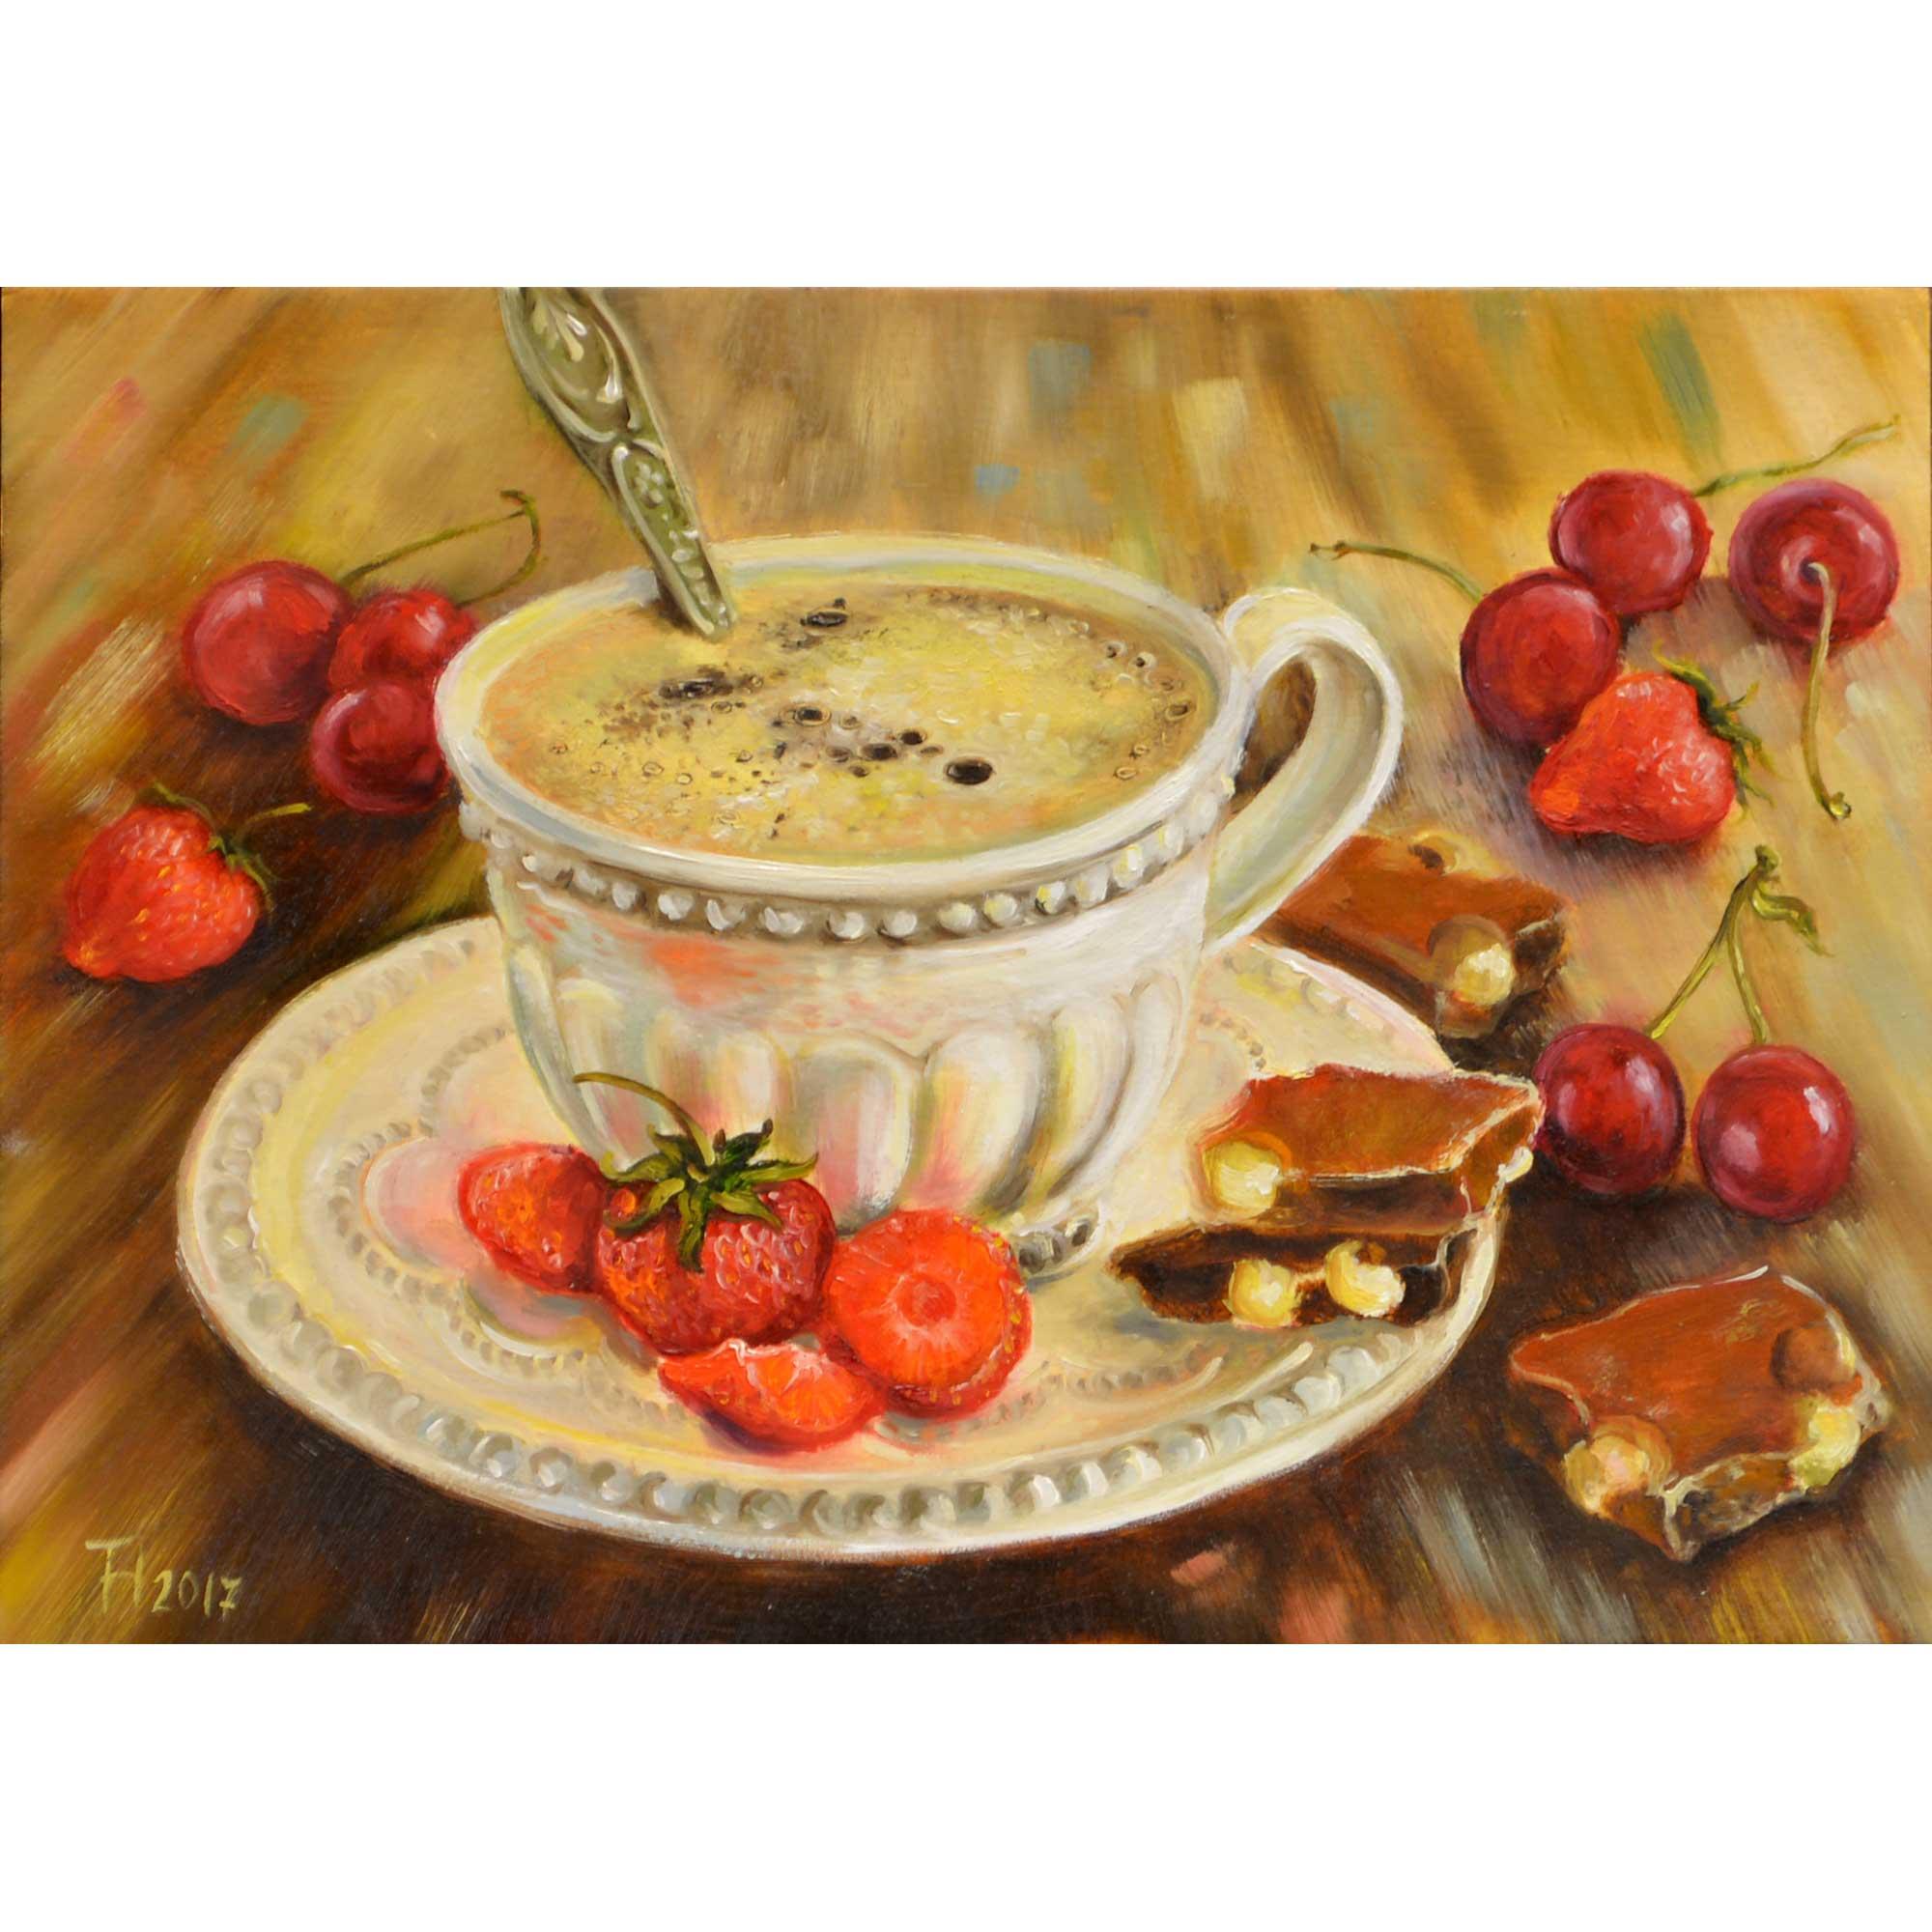 Чашка кави з шоколадом. 2017. Тетяна Кучмій